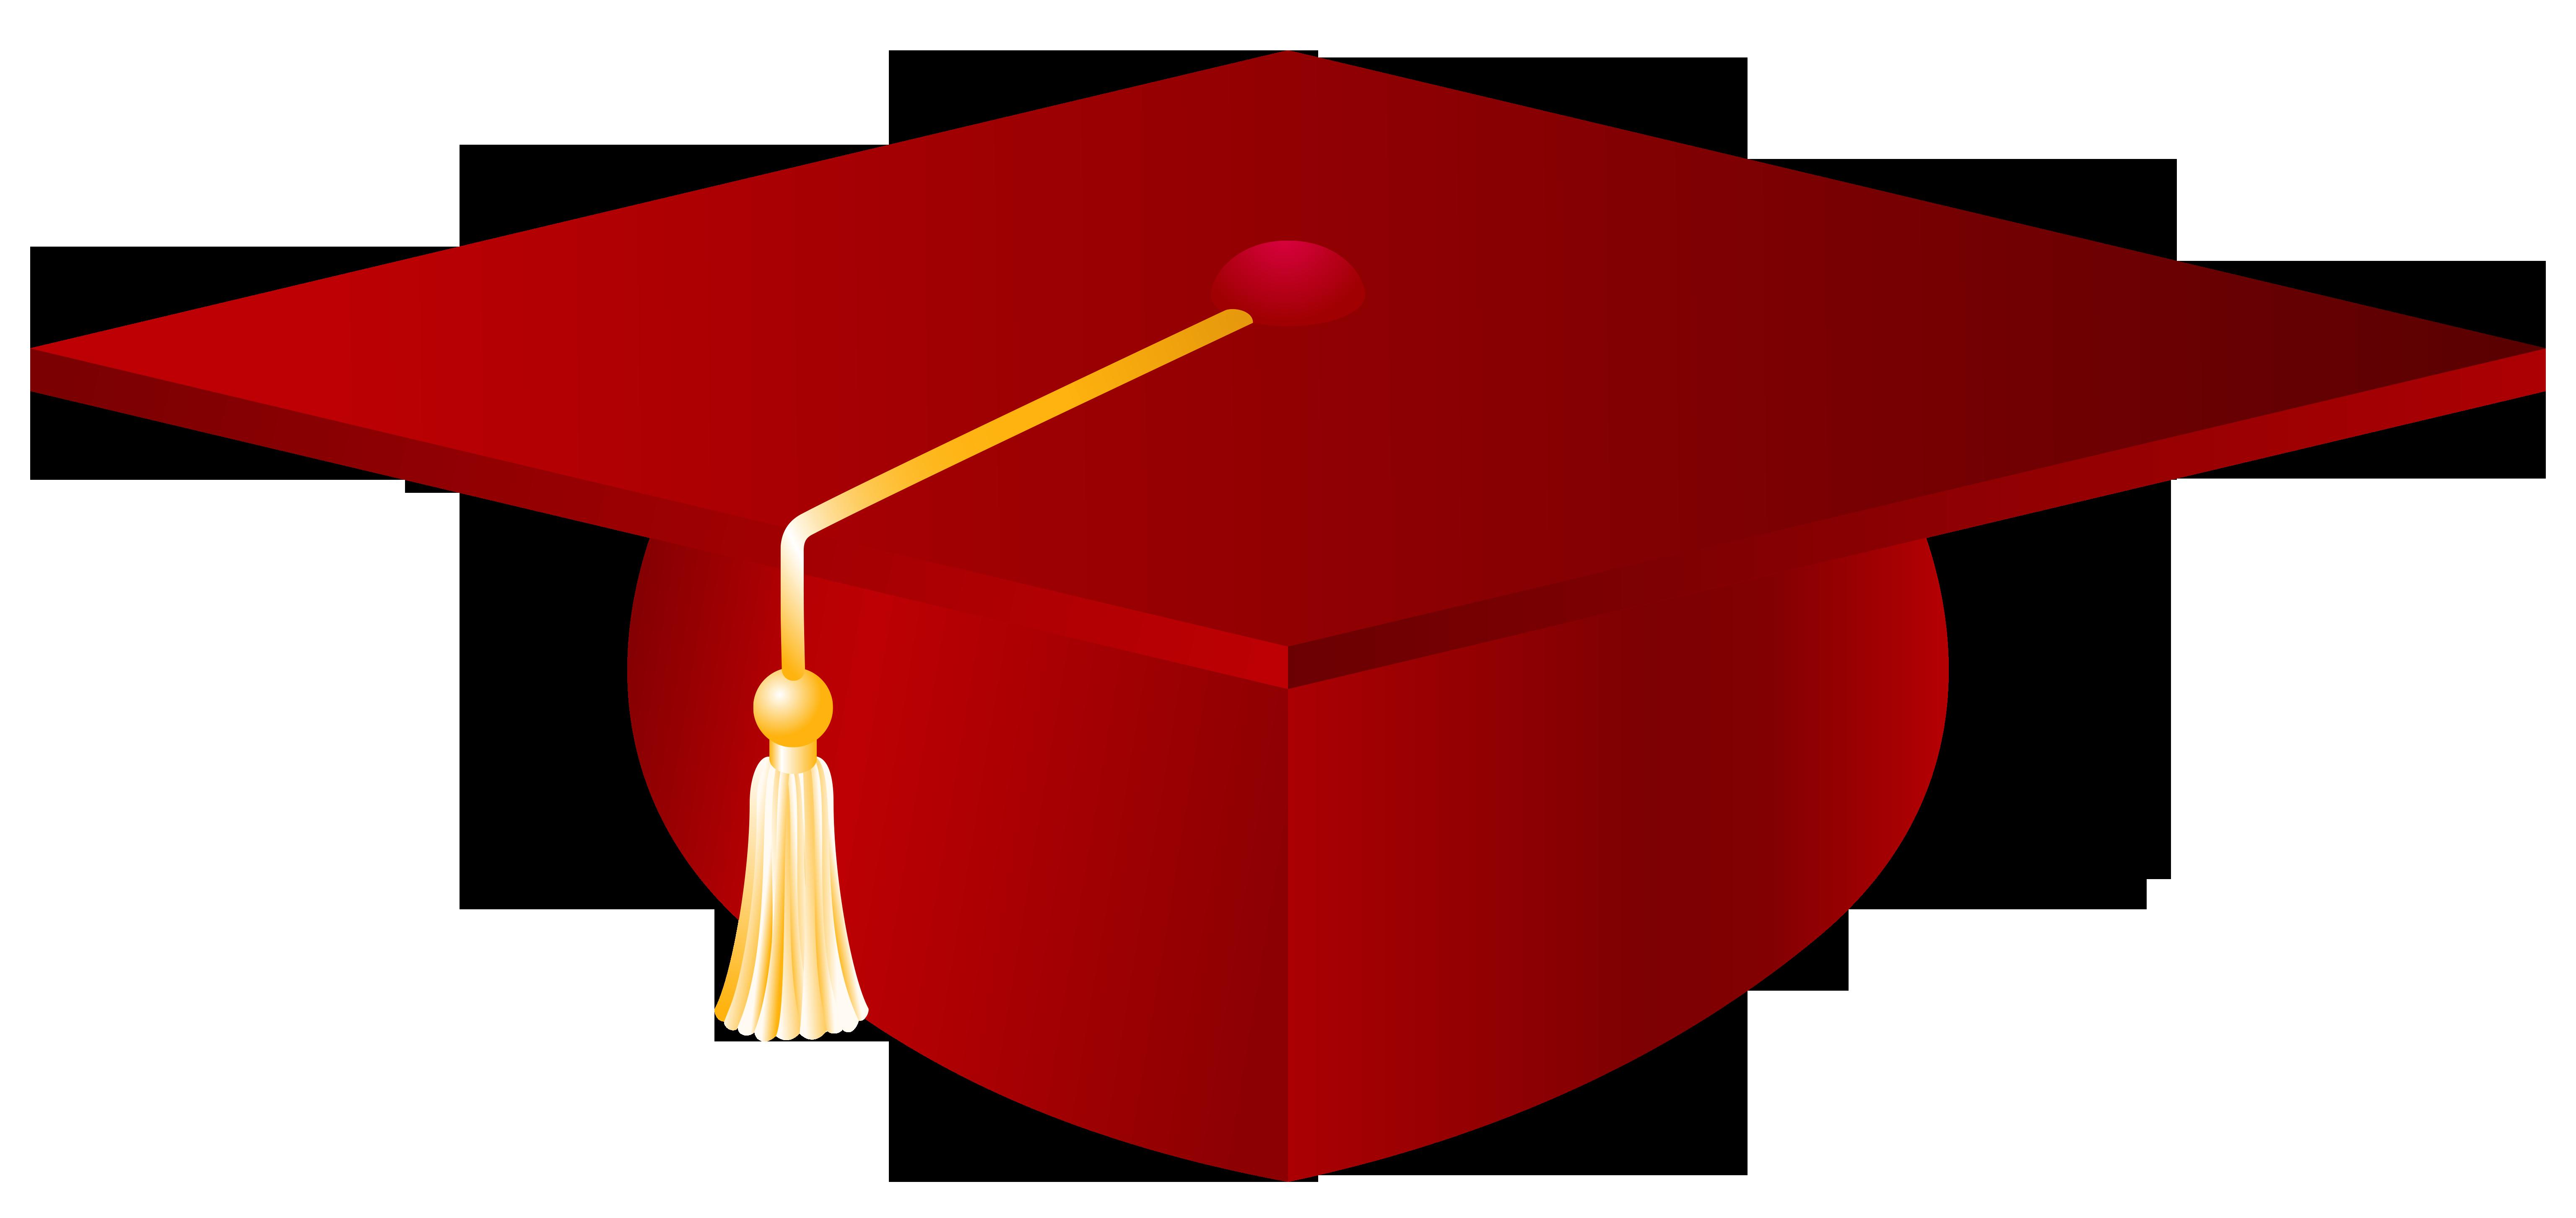 6144x2904 Red Graduation Cap Png Vector Clipart Imageu200b Gallery